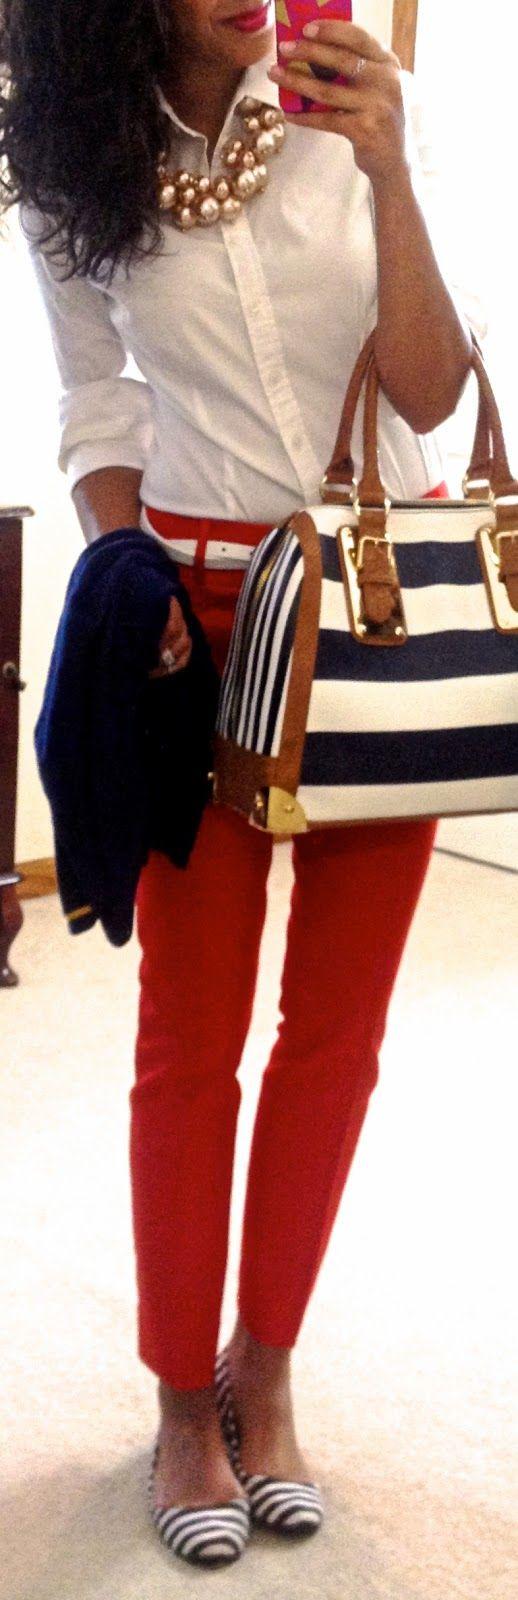 red, white, & navy stripes.